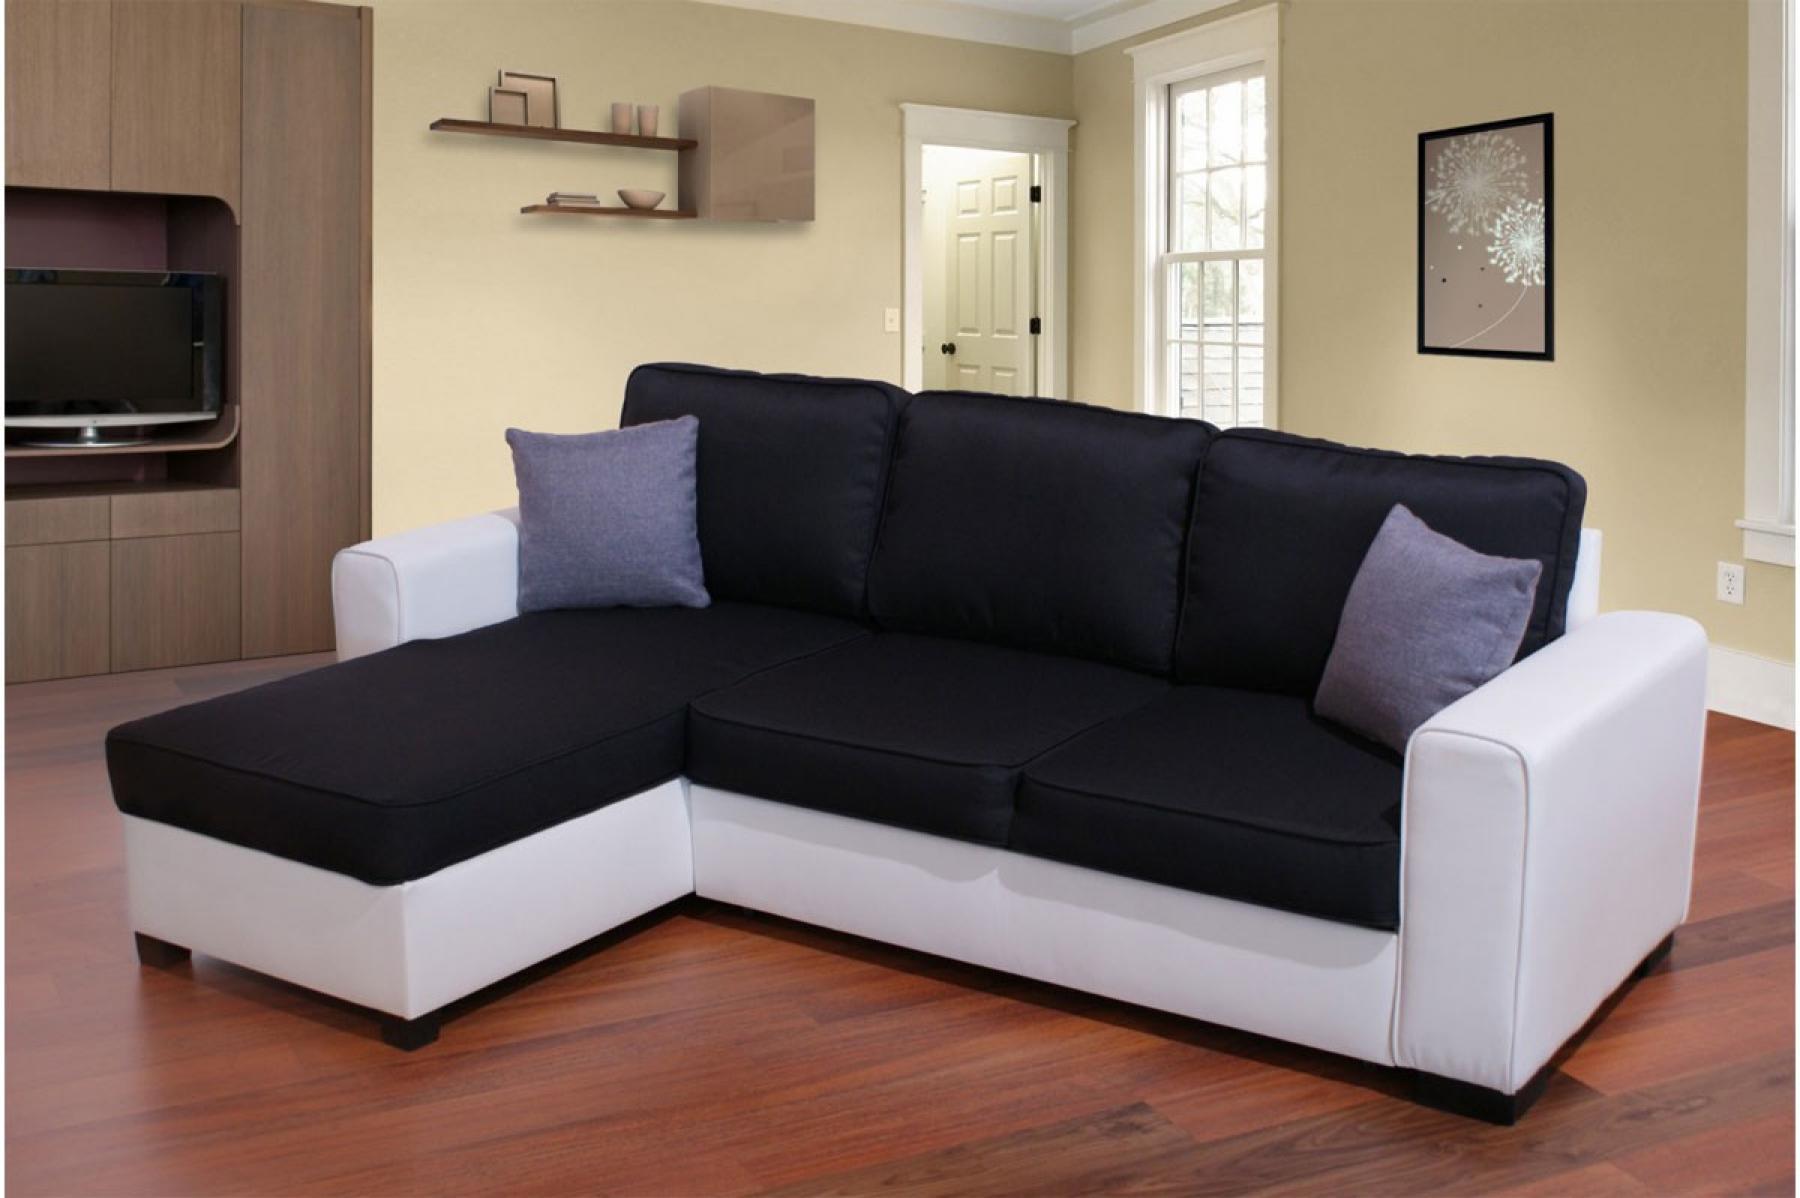 Photos canap noir et blanc simili cuir - Canape blanc et noir ...